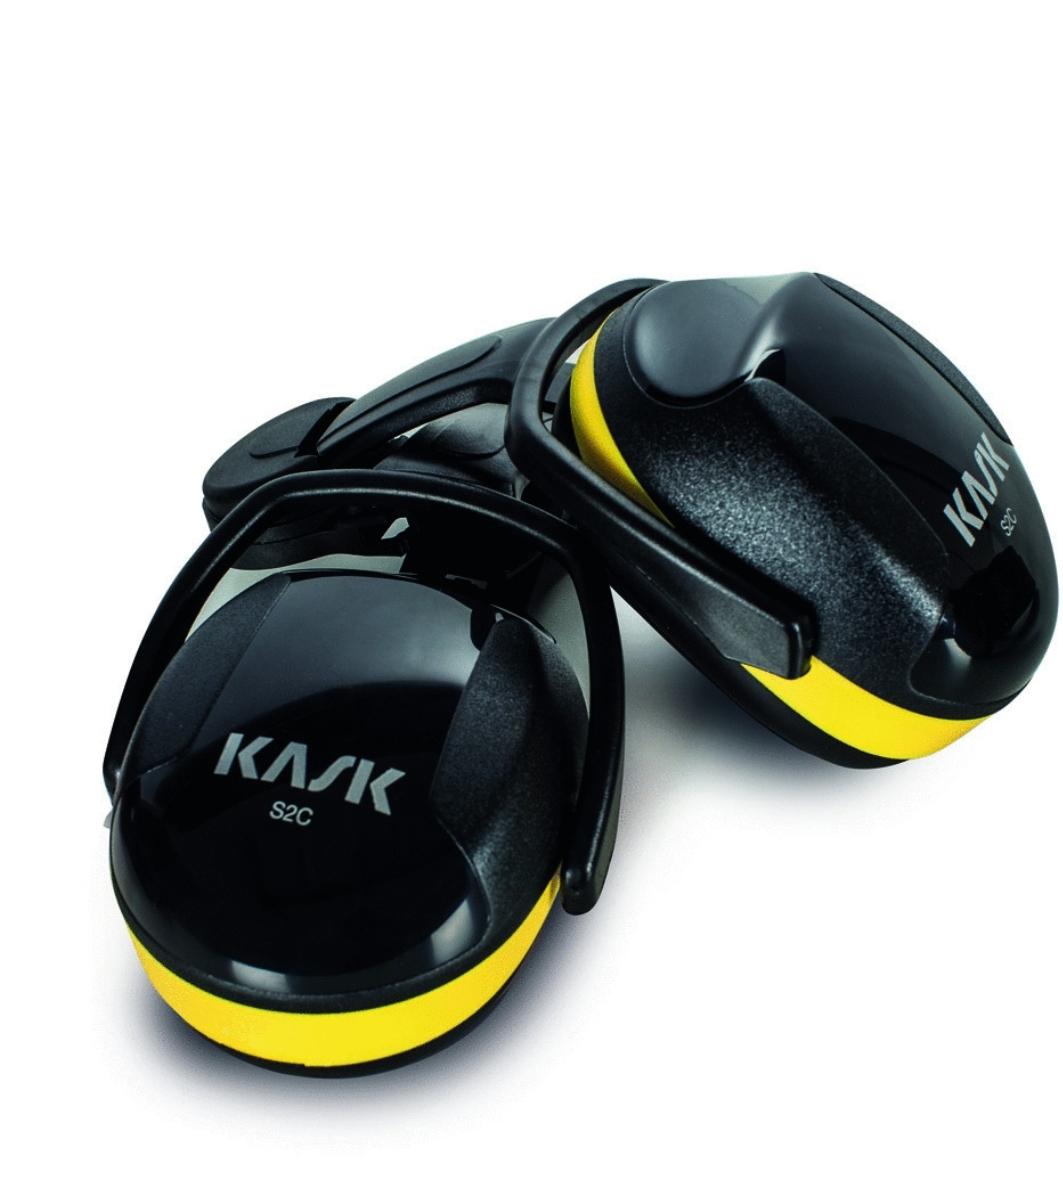 אוזניות מגן לקסדה Kask צהוב